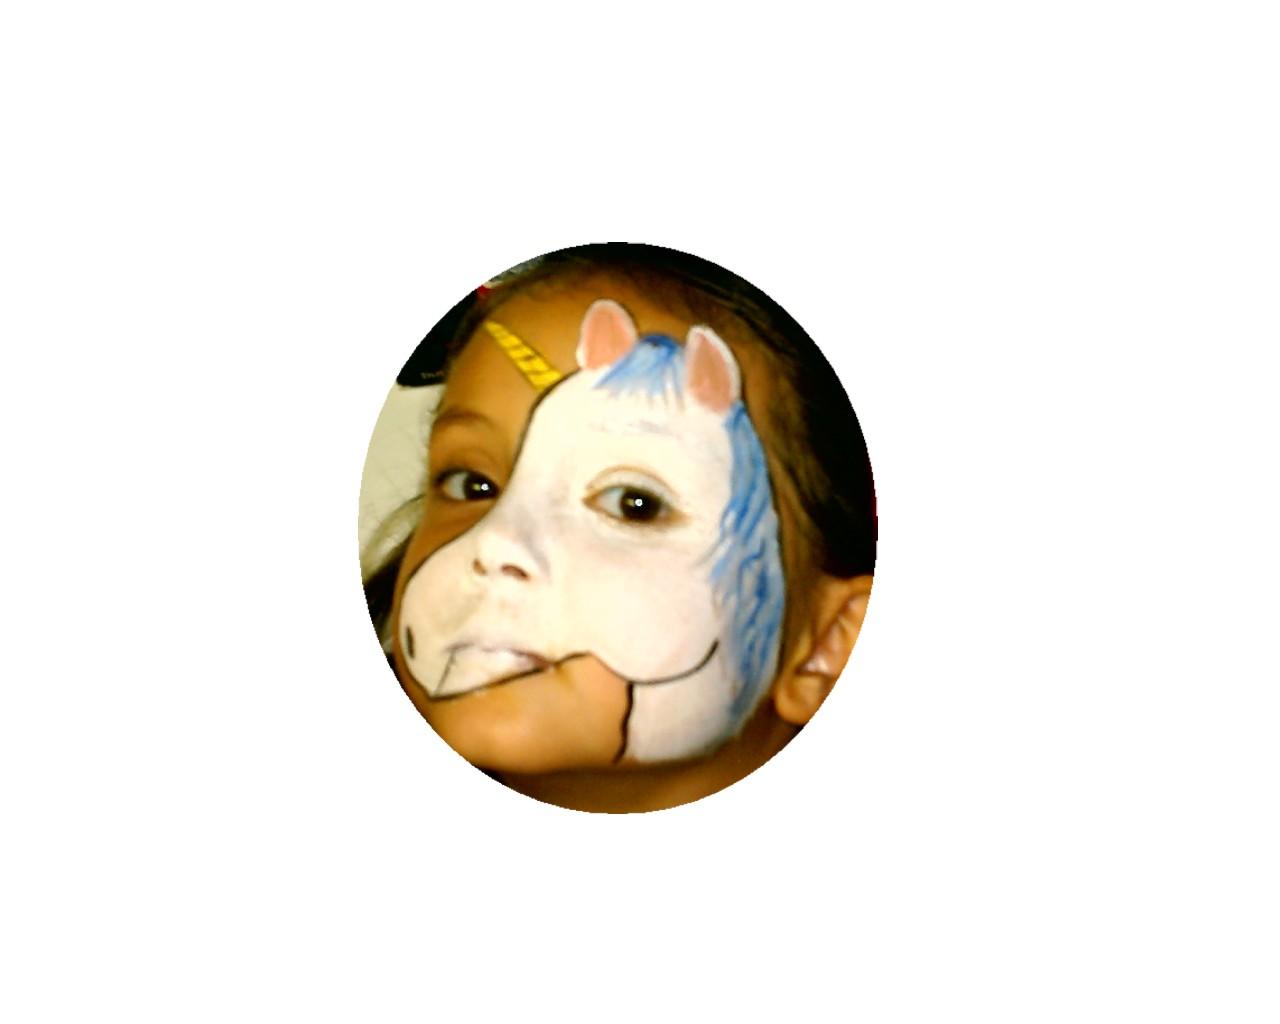 unicorneye.jpg